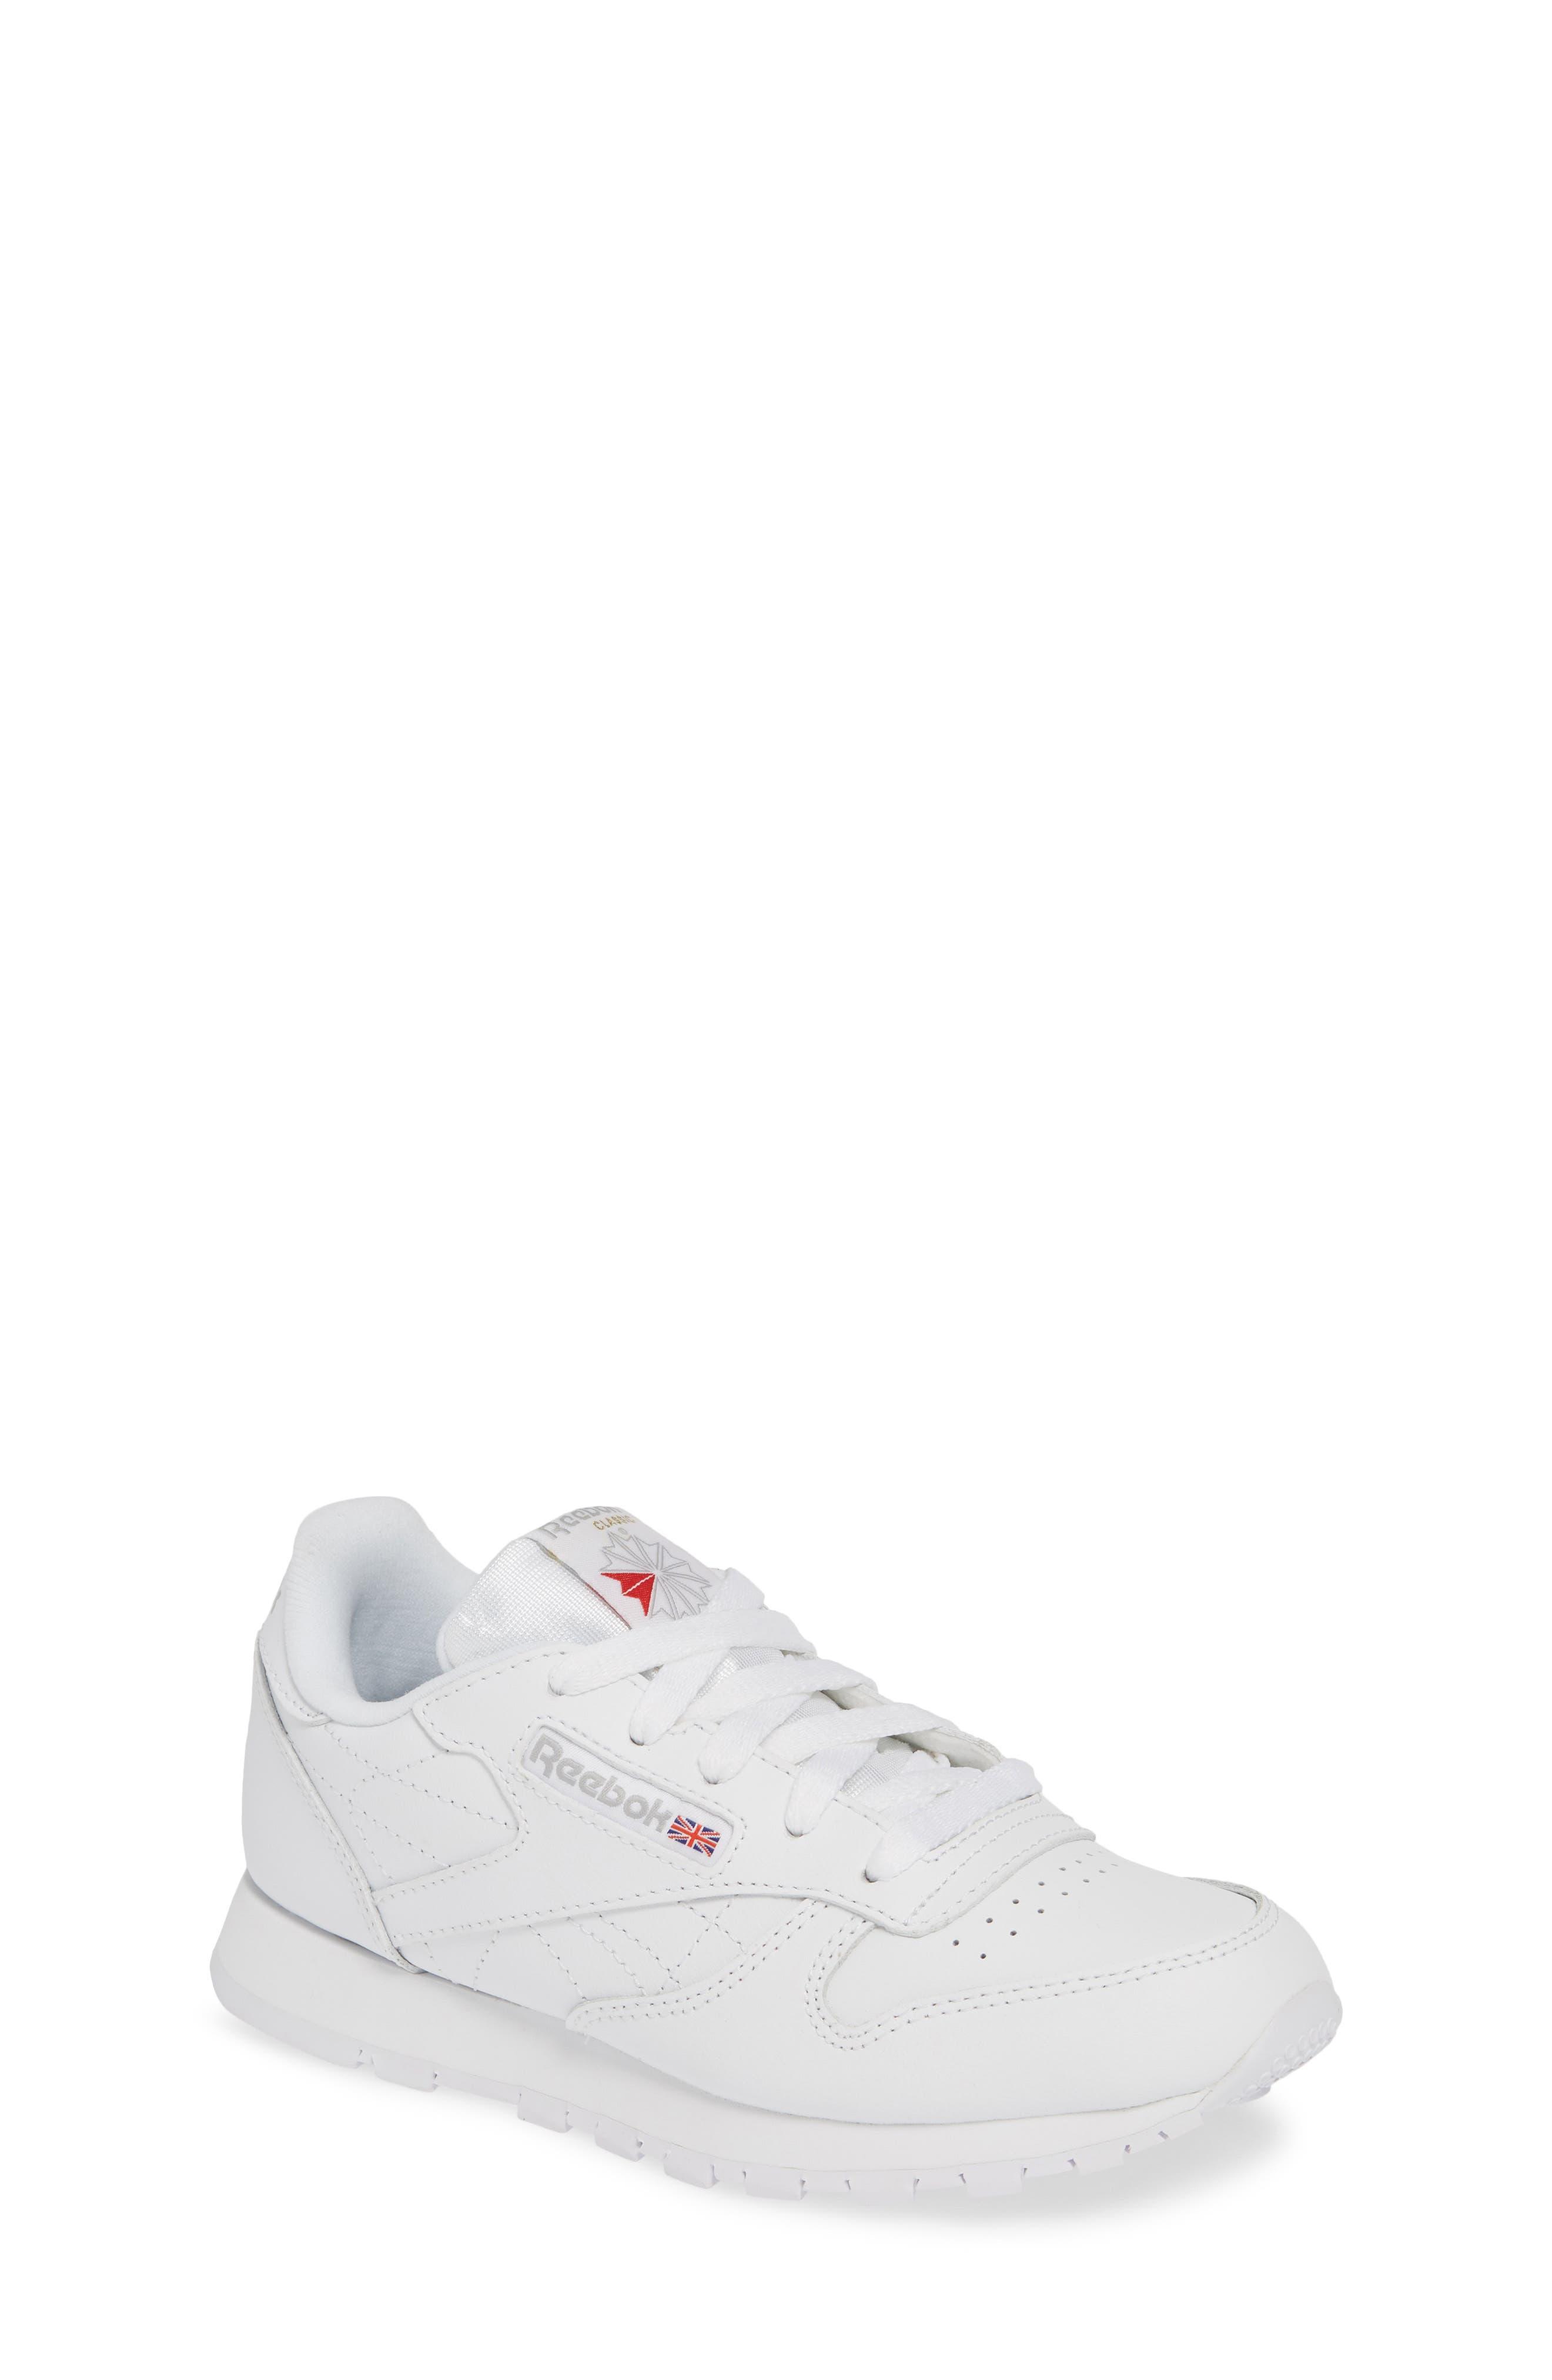 aac91dde62efdd Kid s Reebok Classic Leather Sneaker